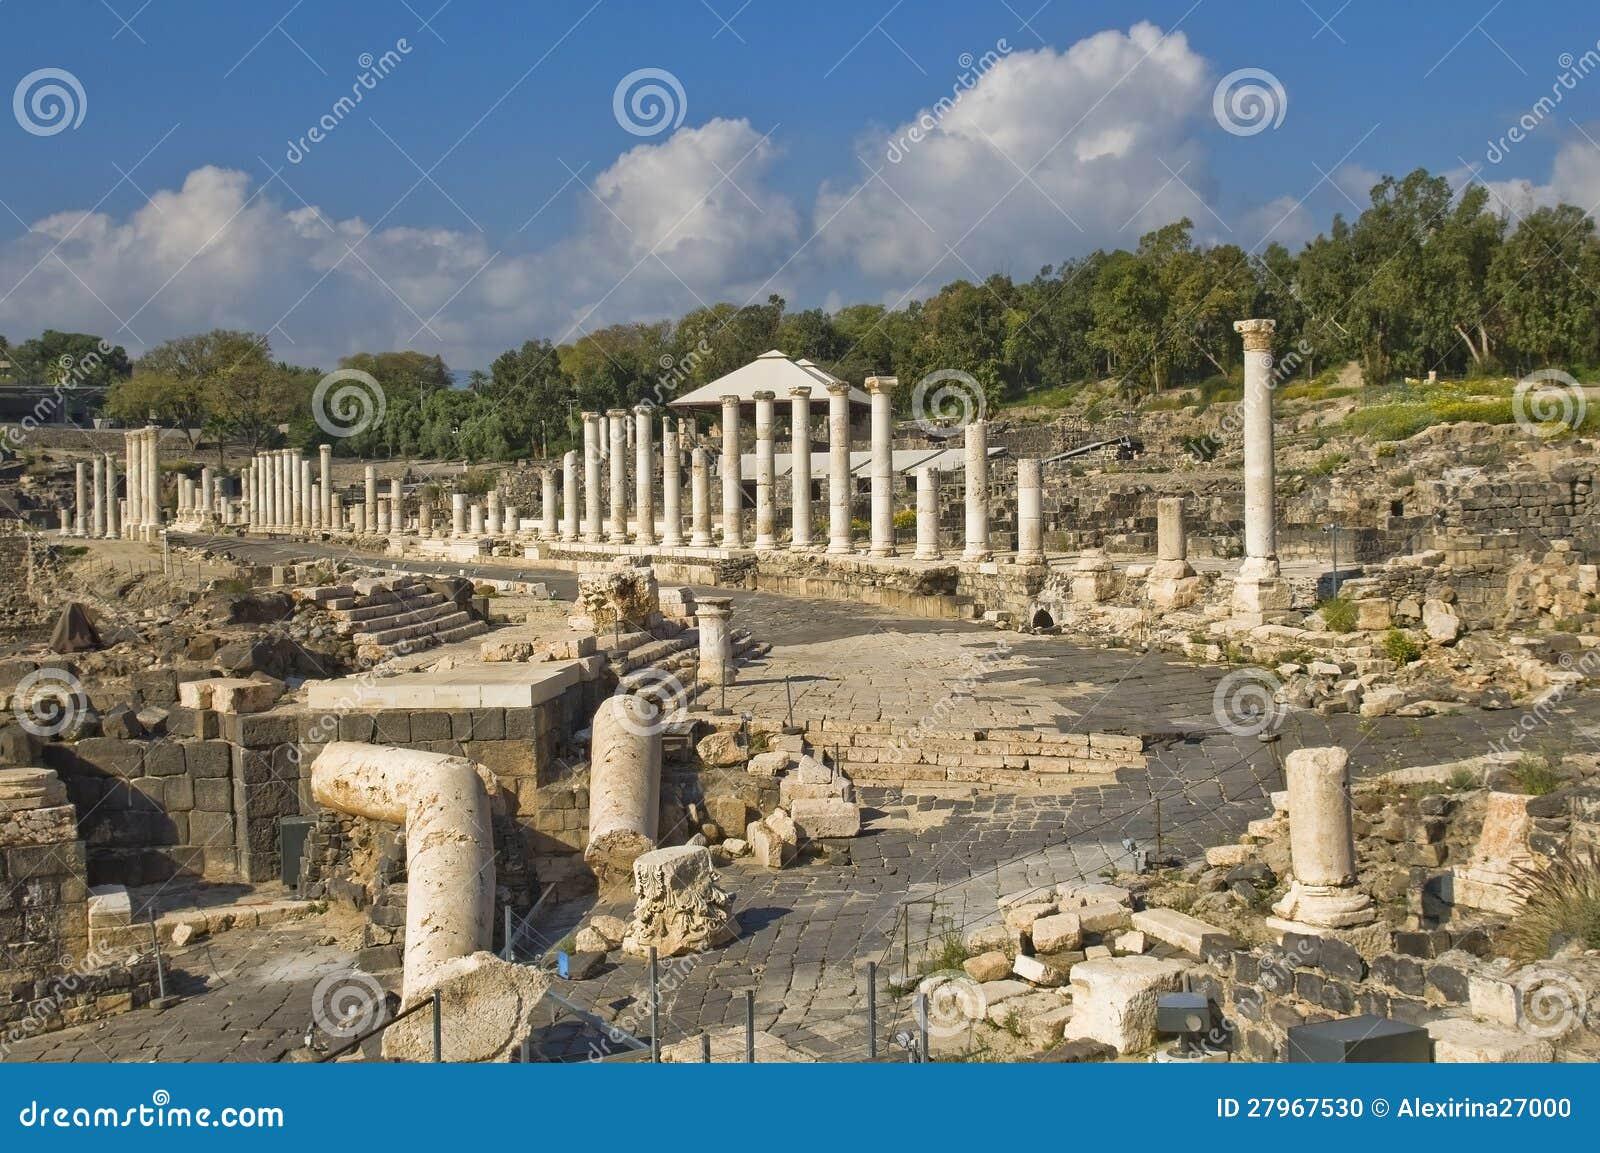 W Izrael antyczne Romańskie ekskawacje